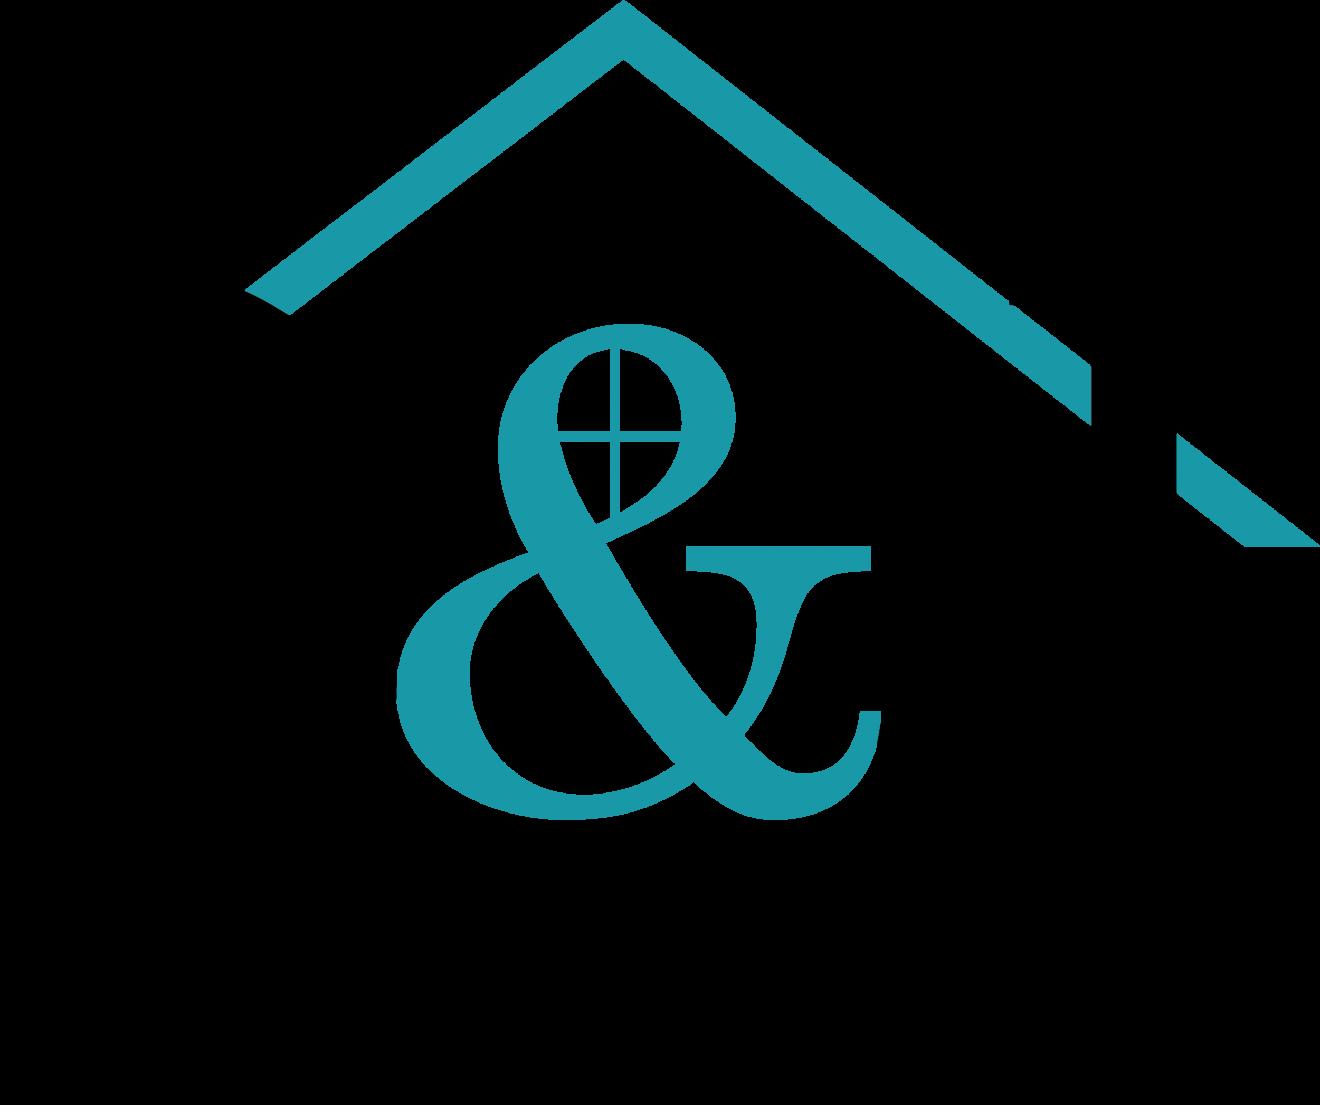 Logo-1-S&J-cabyne